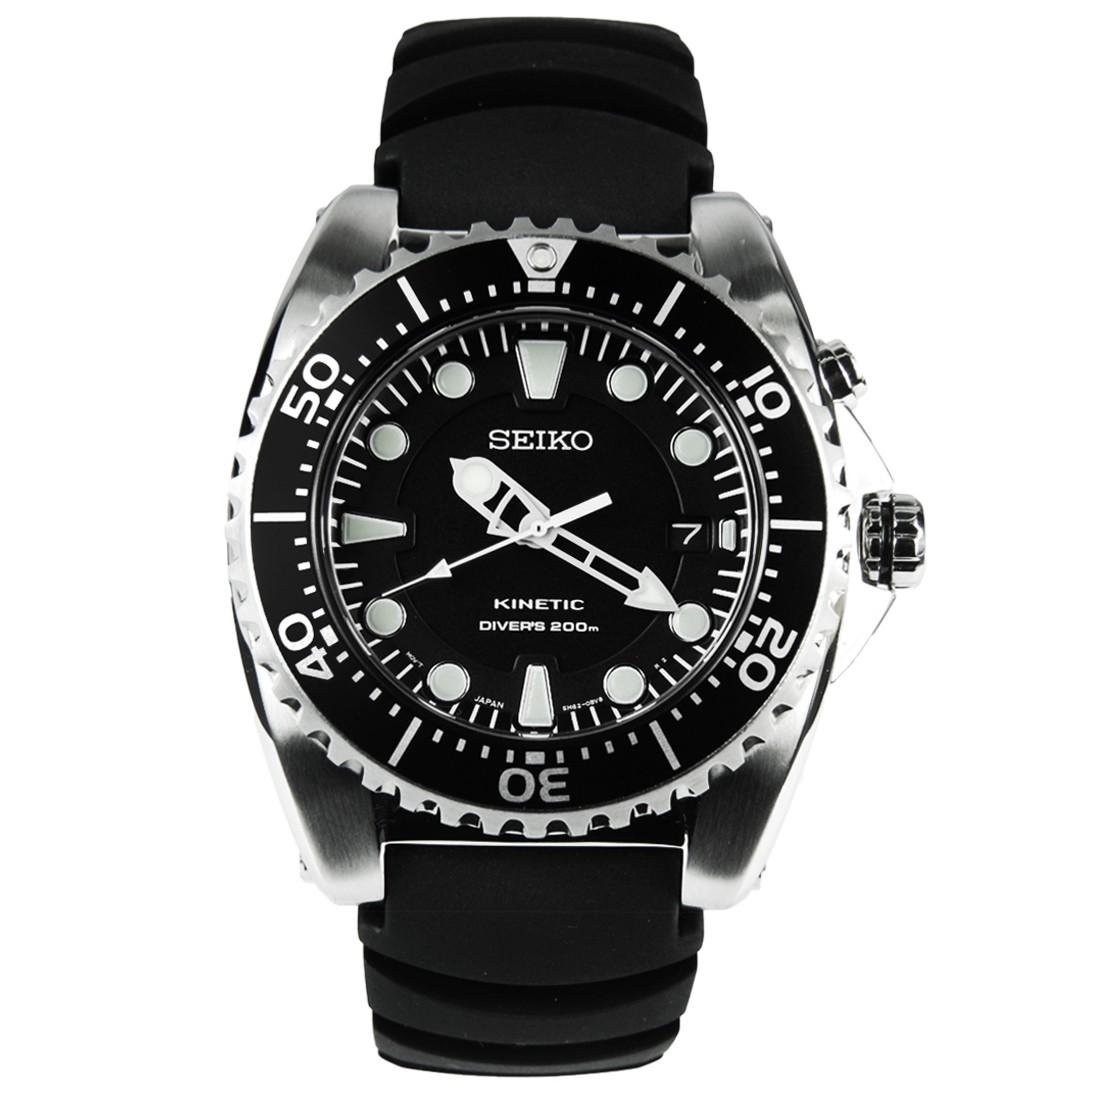 นาฬิกา SEIKO รุ่น SKA371P2 Kinetic Dive Silver-Tone Watch